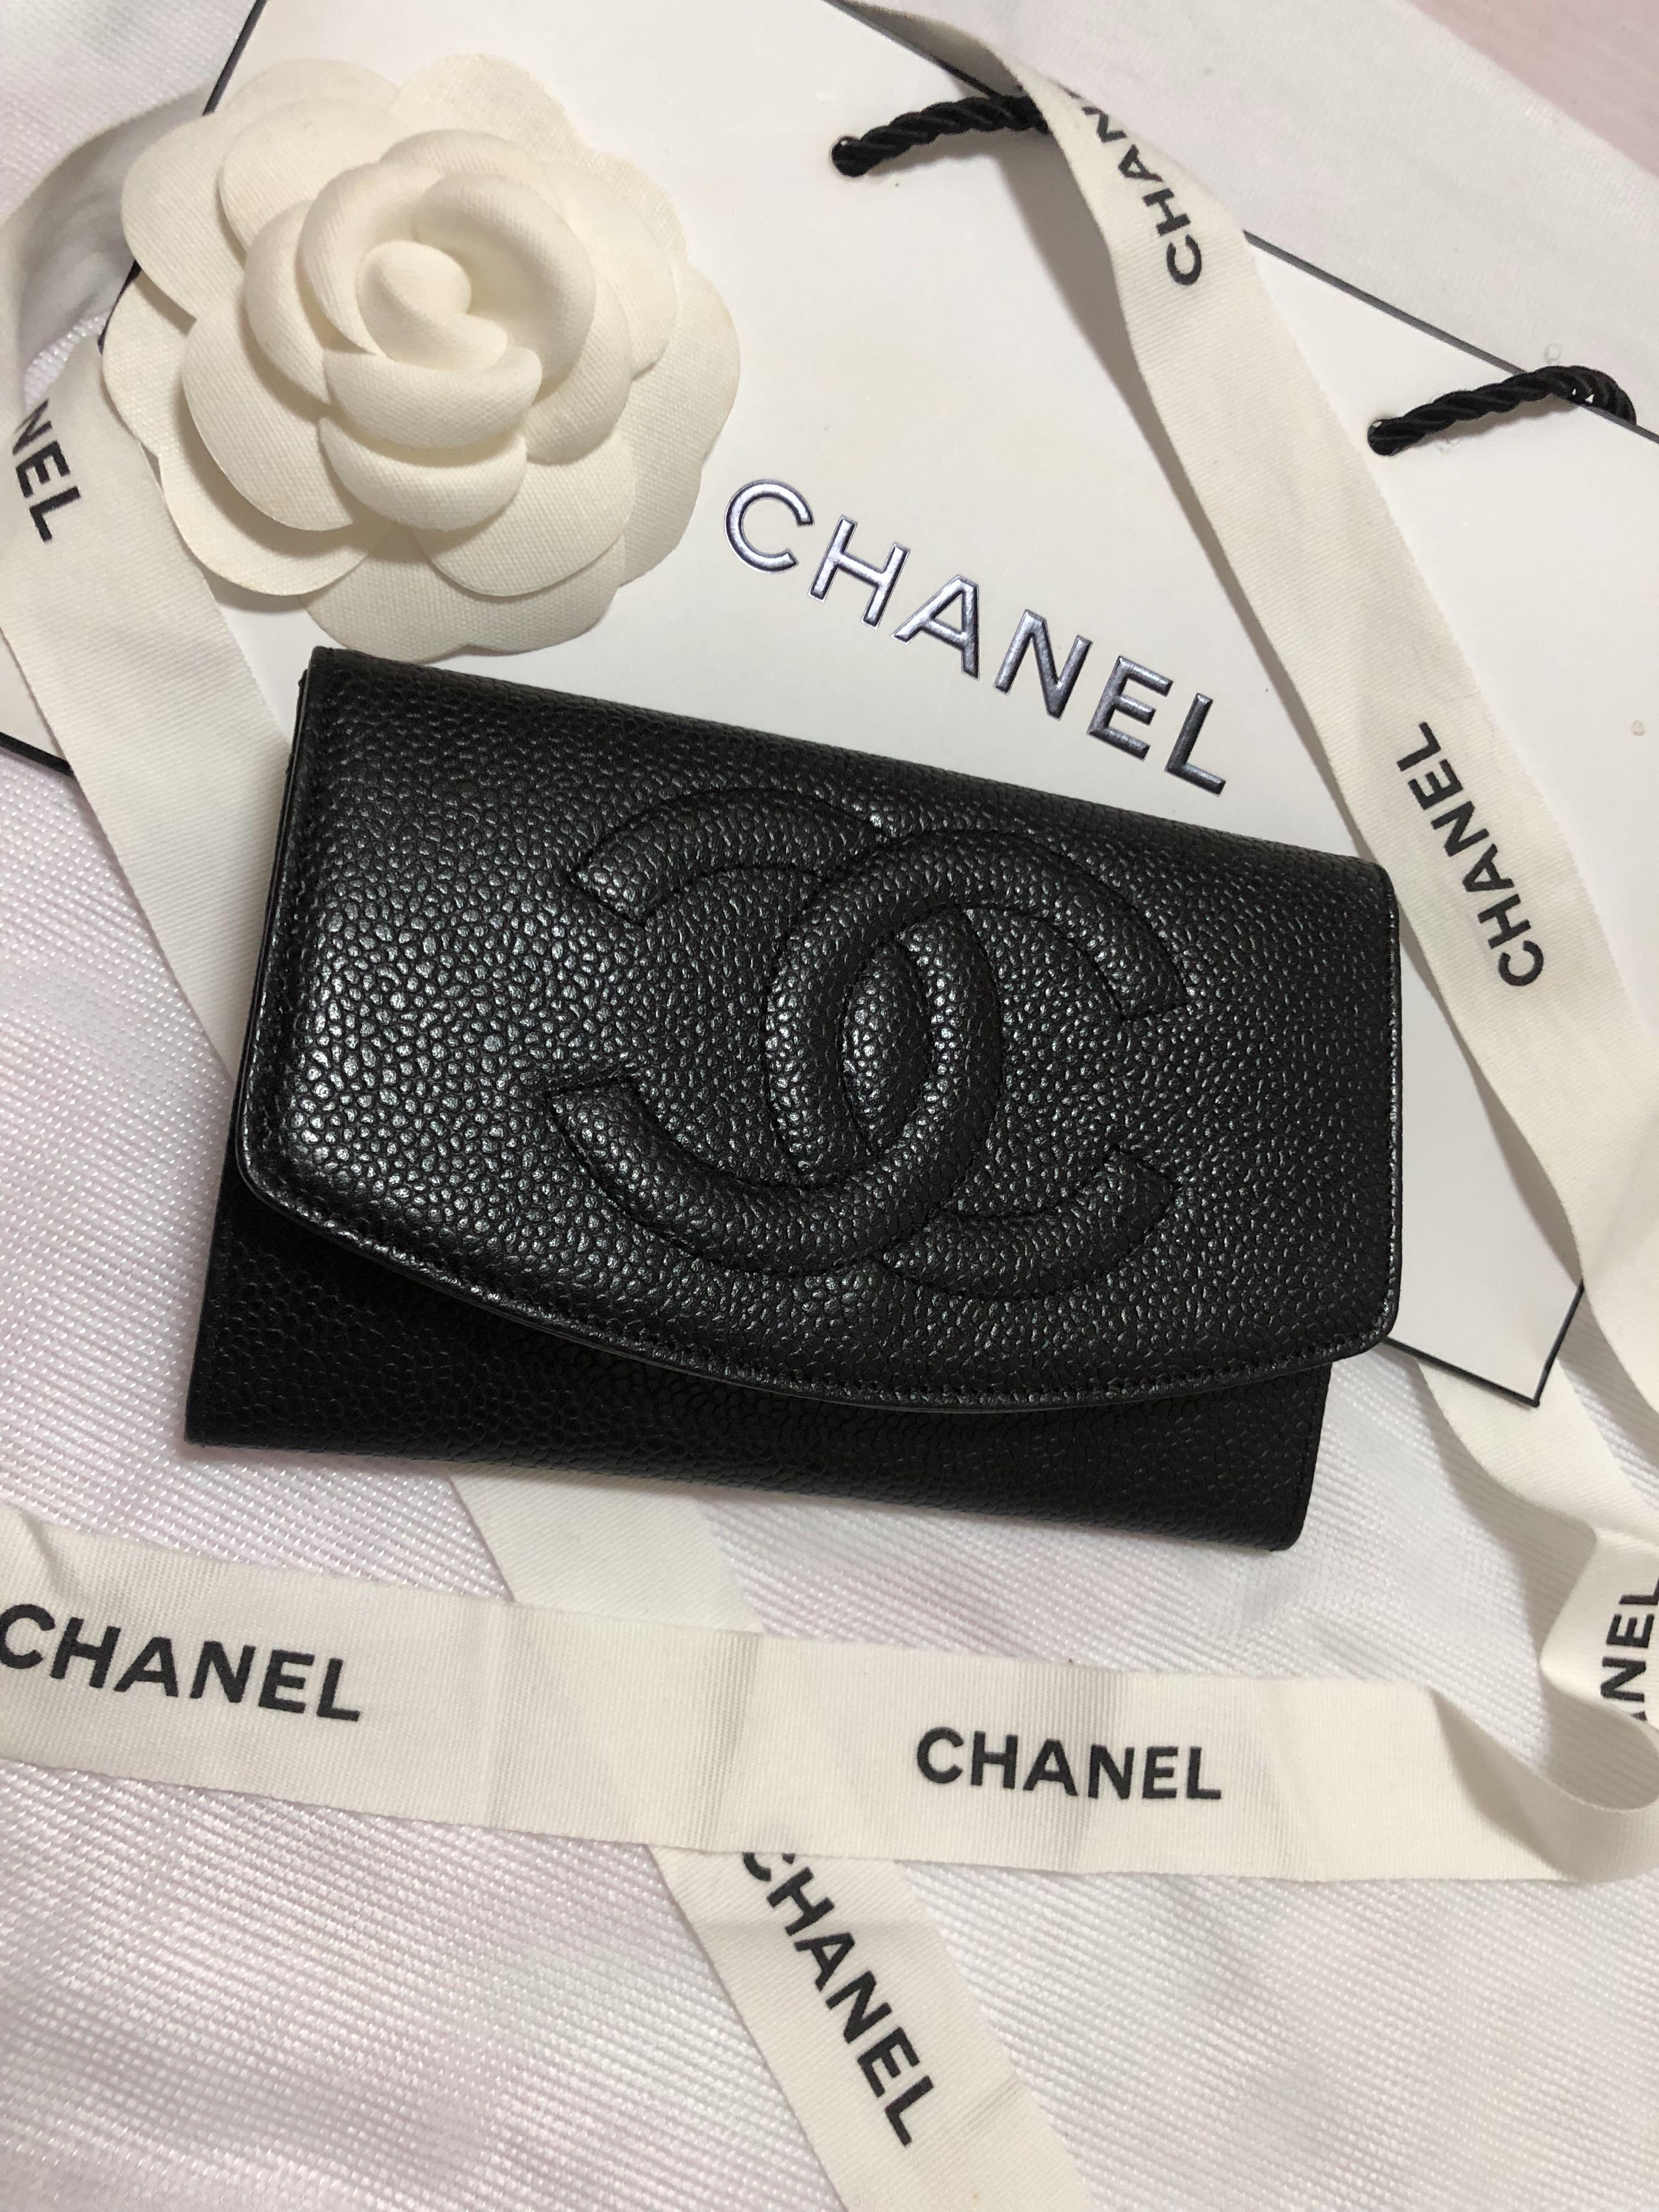 Chanel 零錢、小皮夾